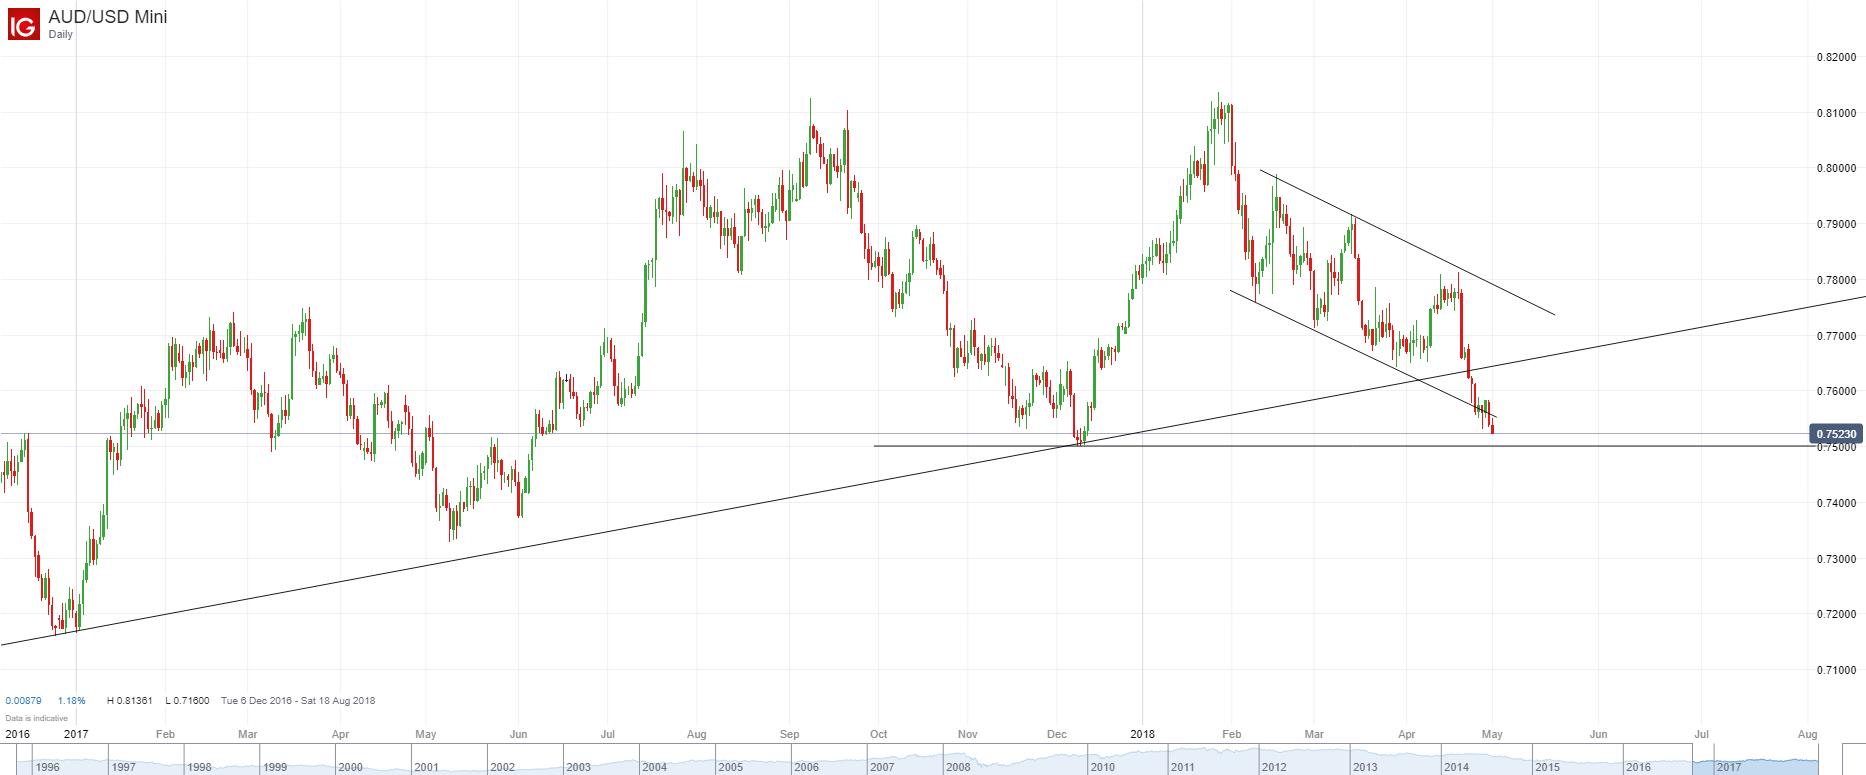 澳元/美元:继续刷新低,重要支持关注0.7500附近